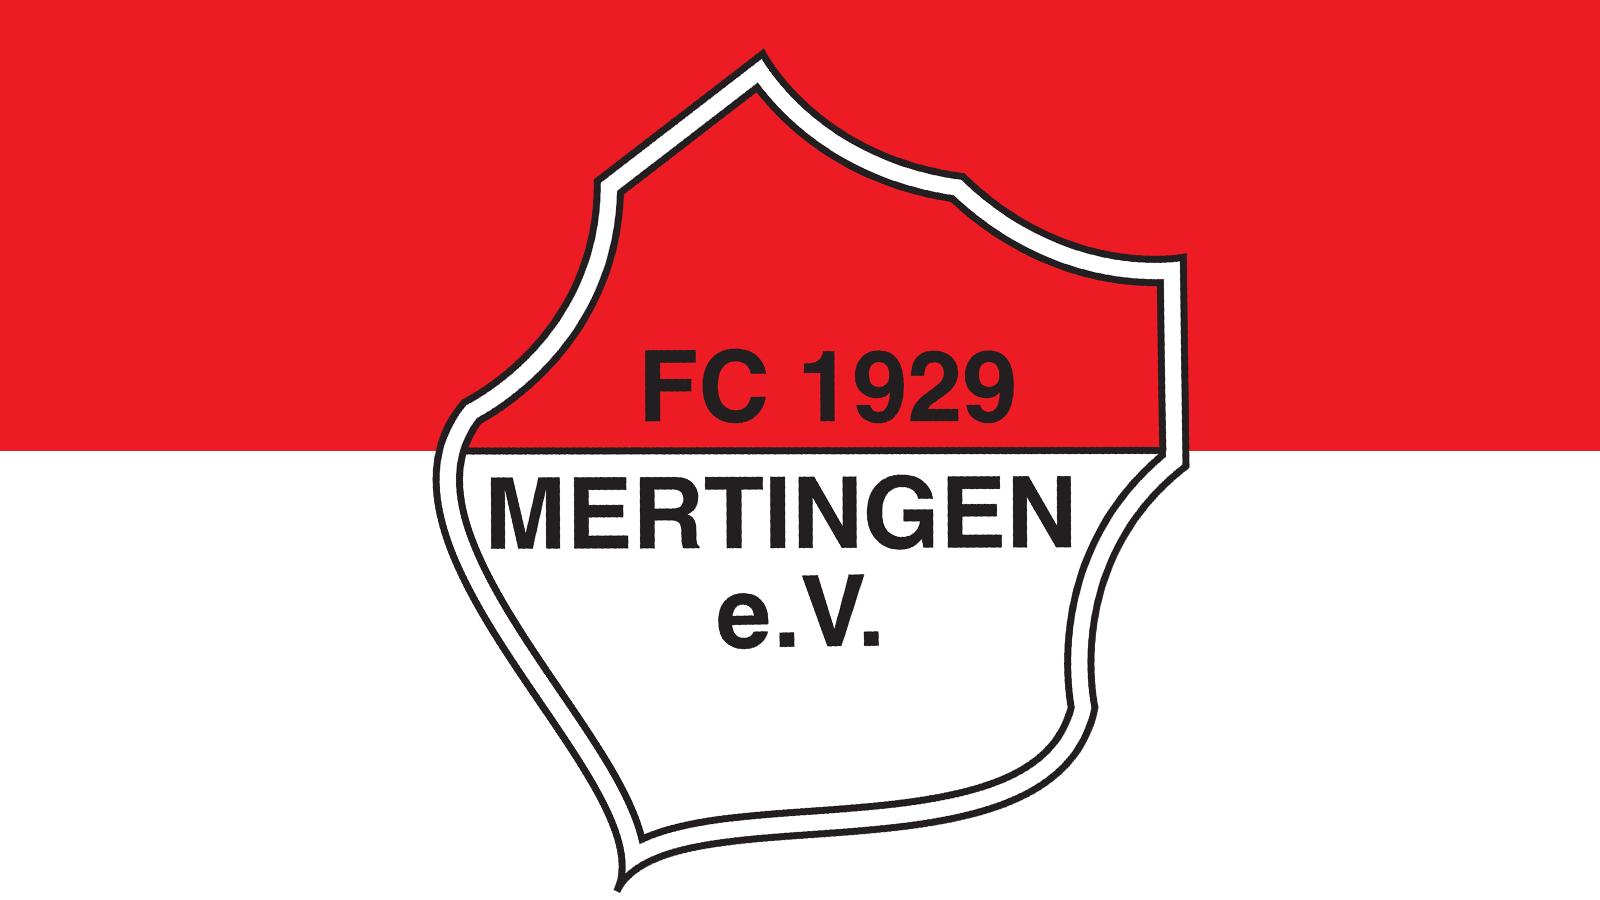 FC 1929 Mertingen e. V.